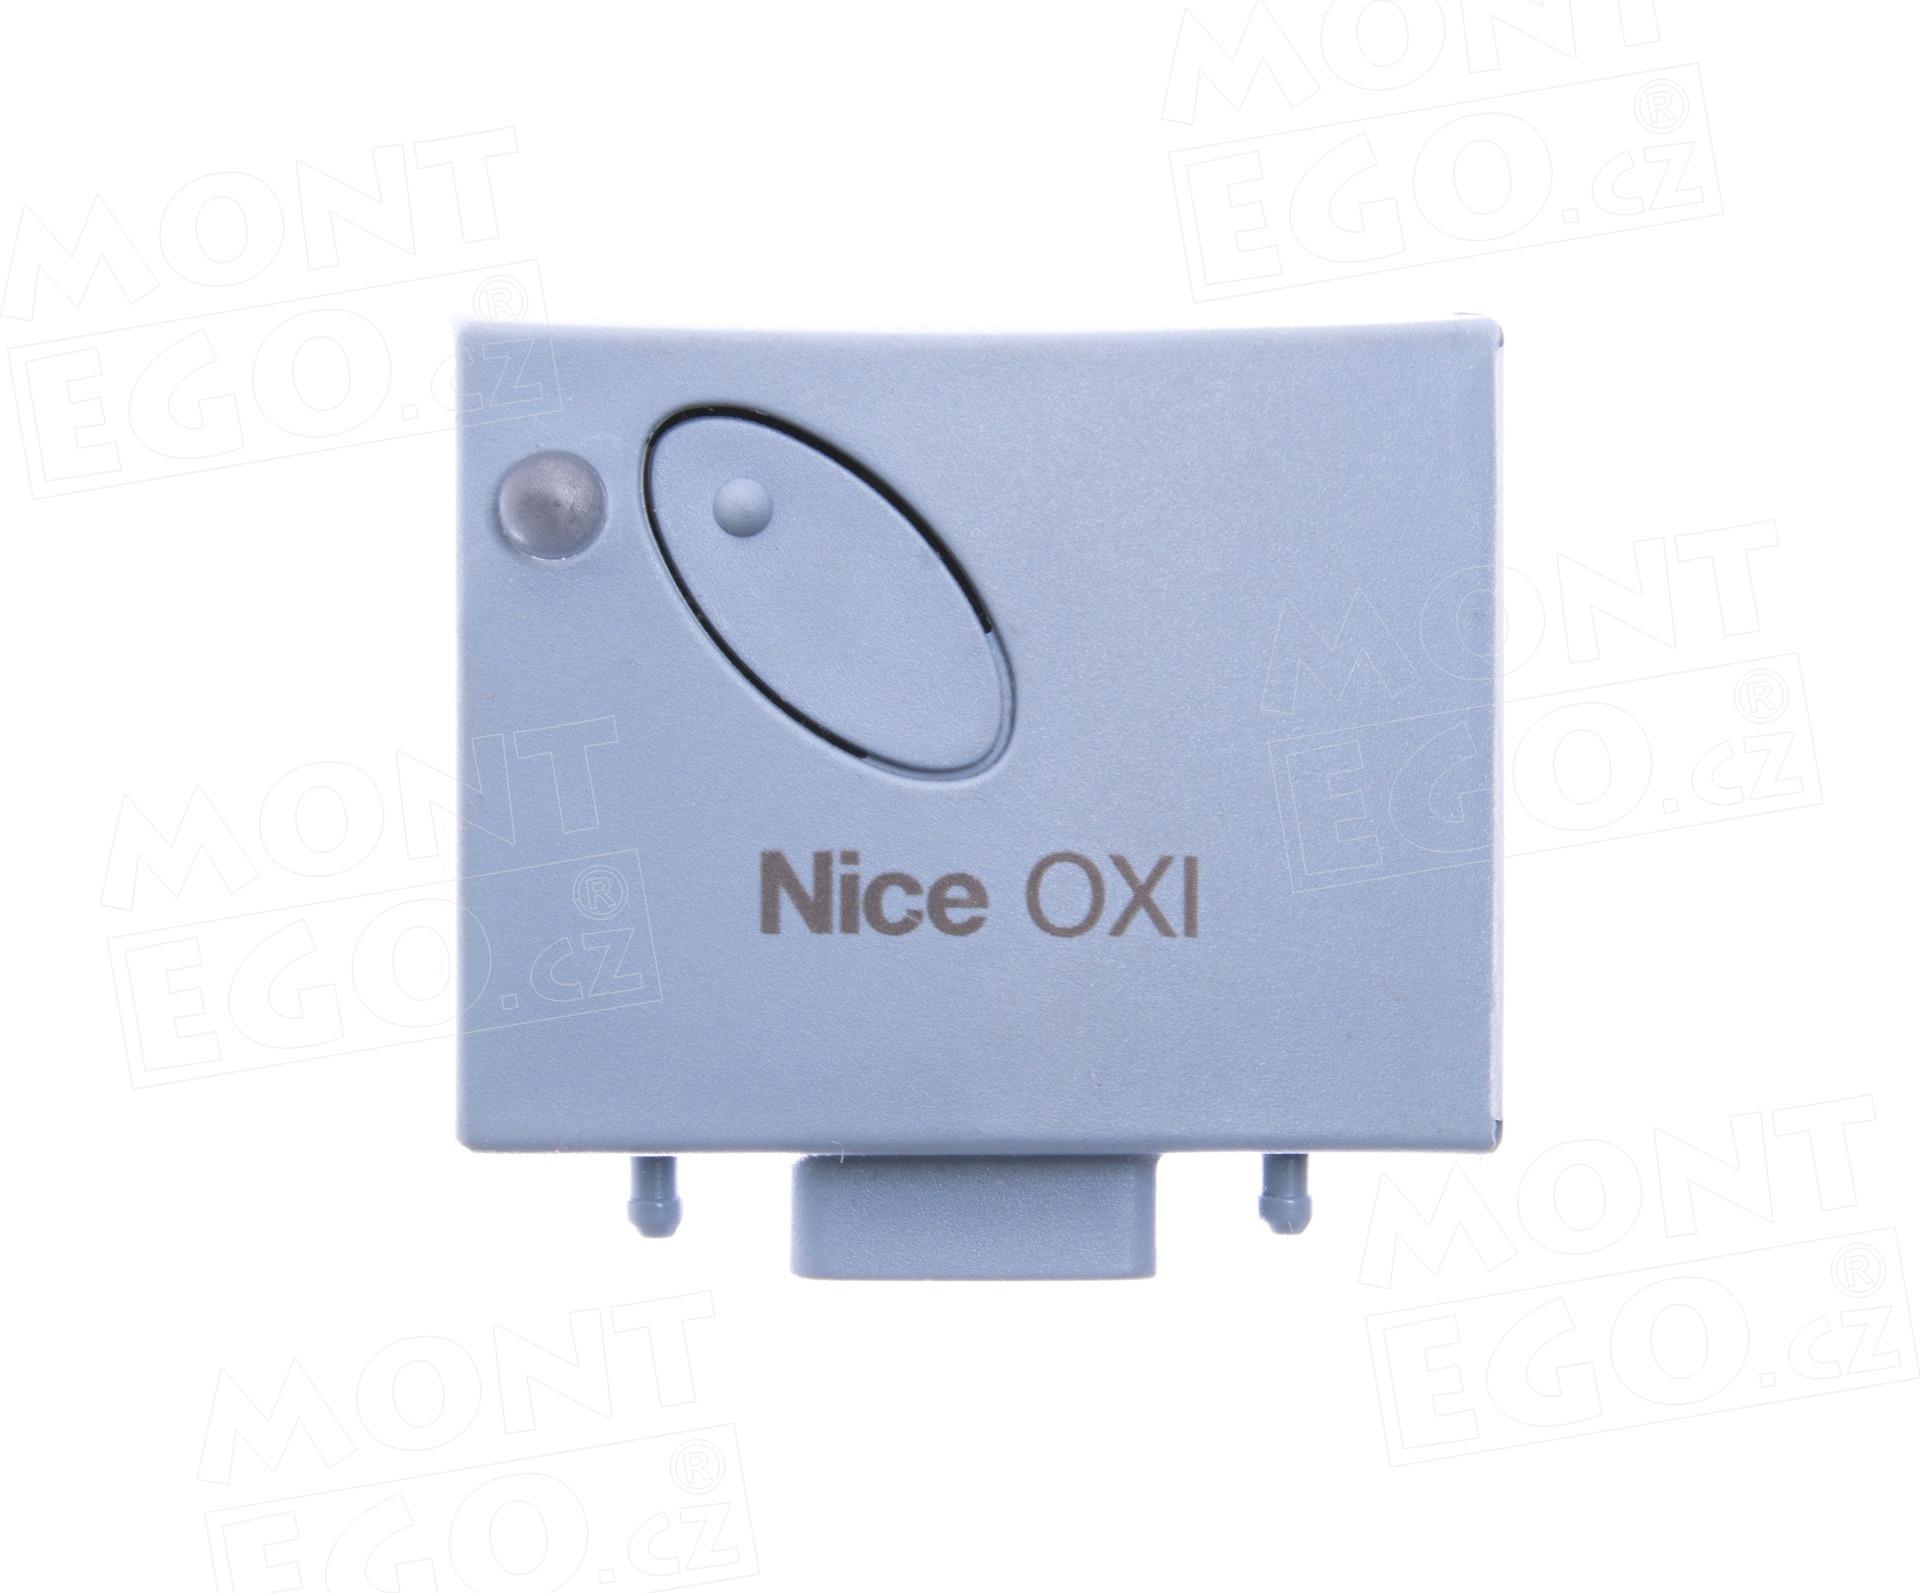 OXI až 4 kanálový zásuvný přijímač Nice, pl. kód, 433,92 MHz